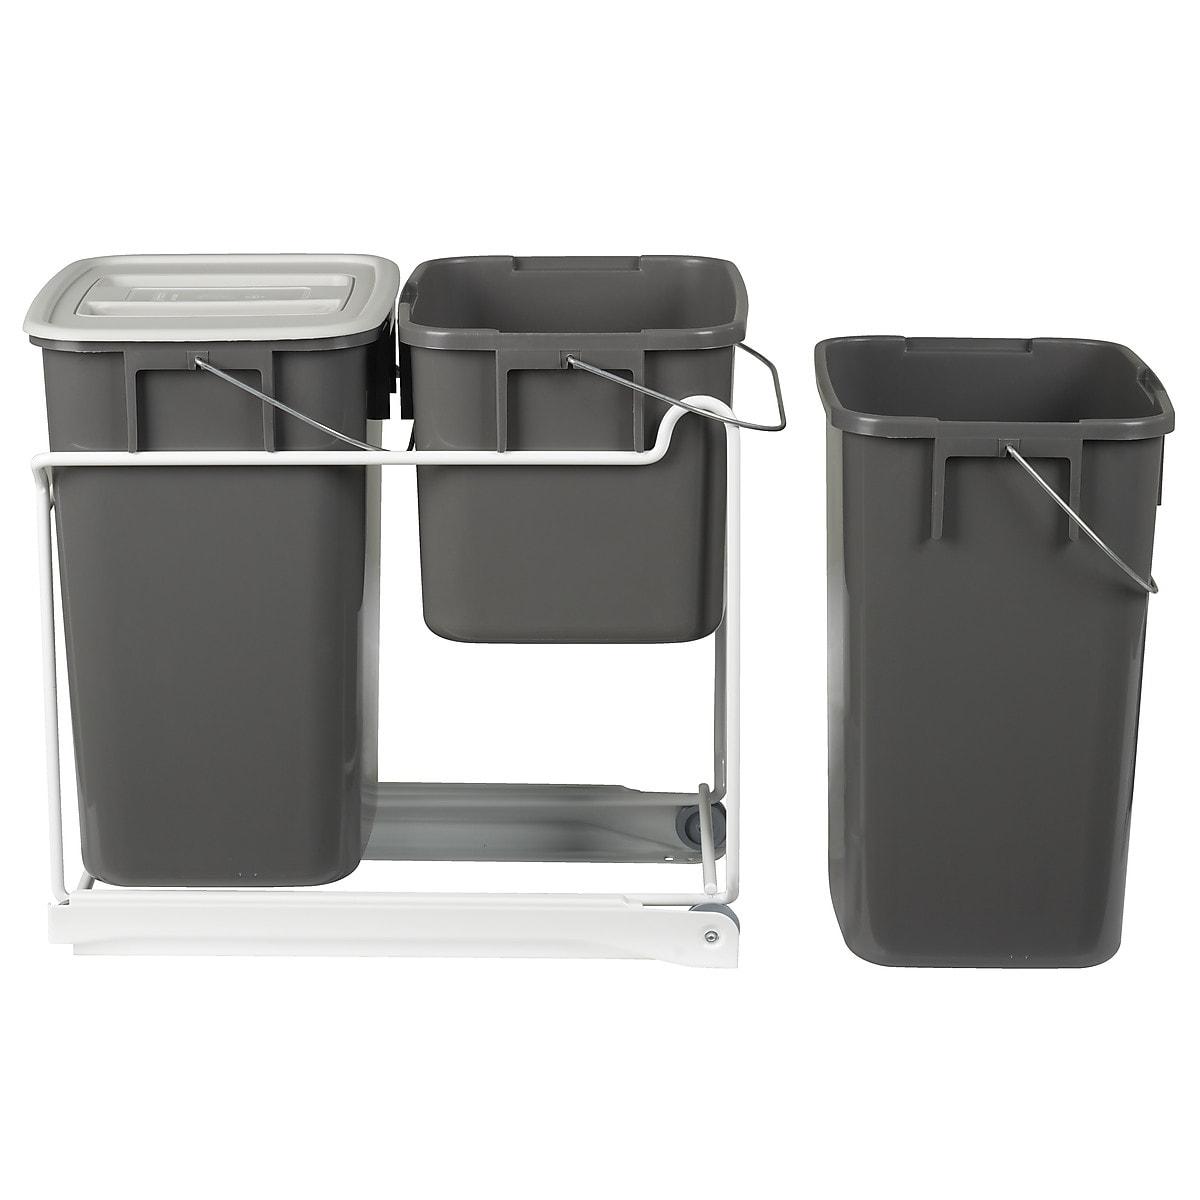 Kildesorteringssett til avfall, med uttrekk